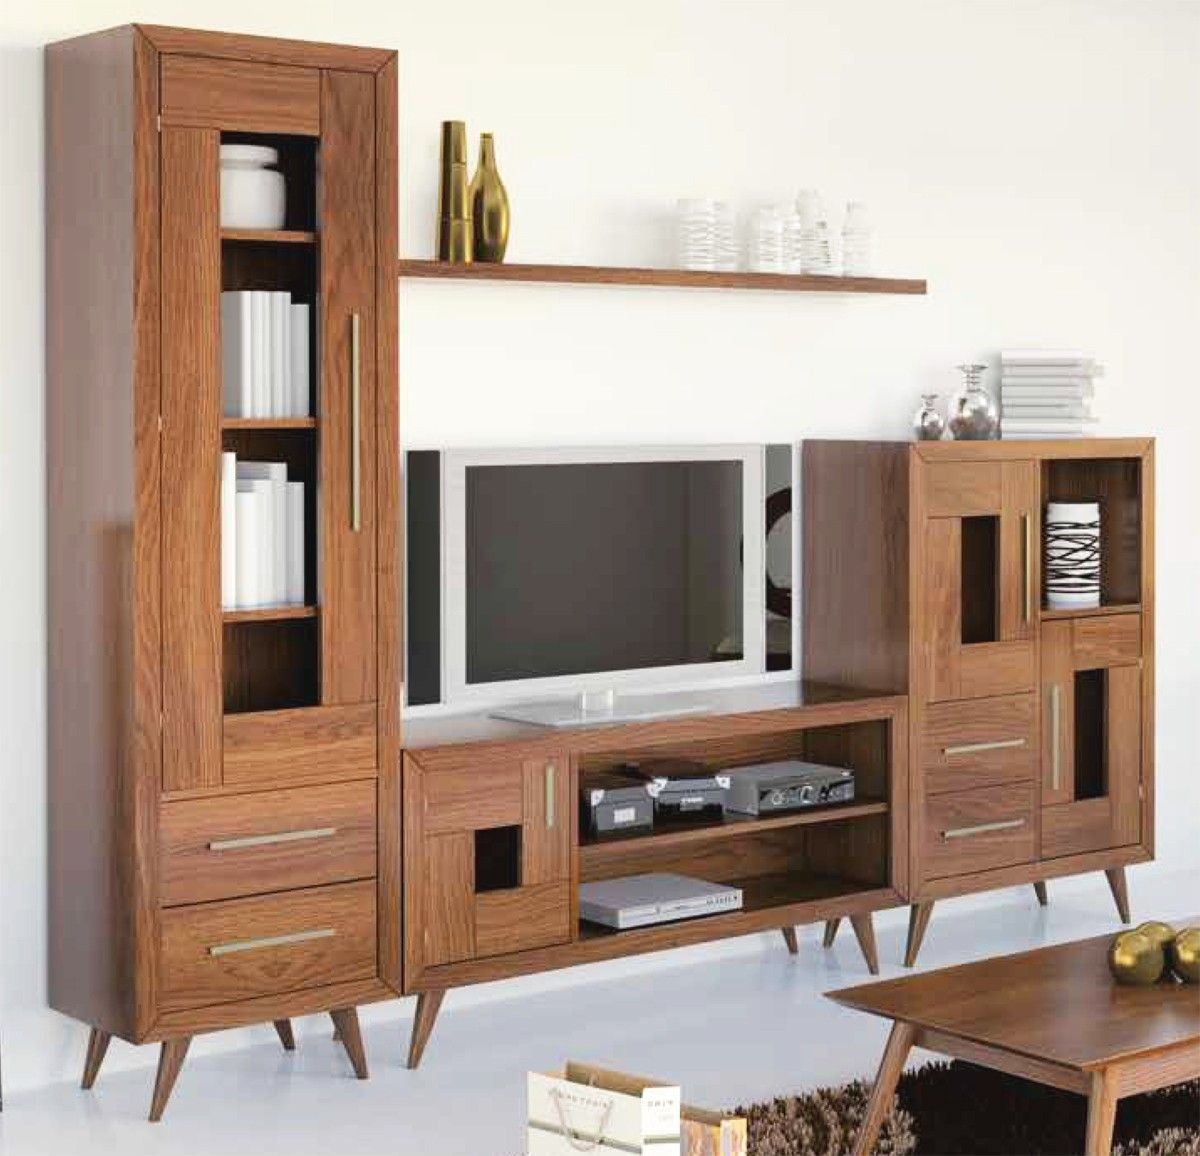 Composición de salón patas vintage madera - pino | Pino, Composición ...